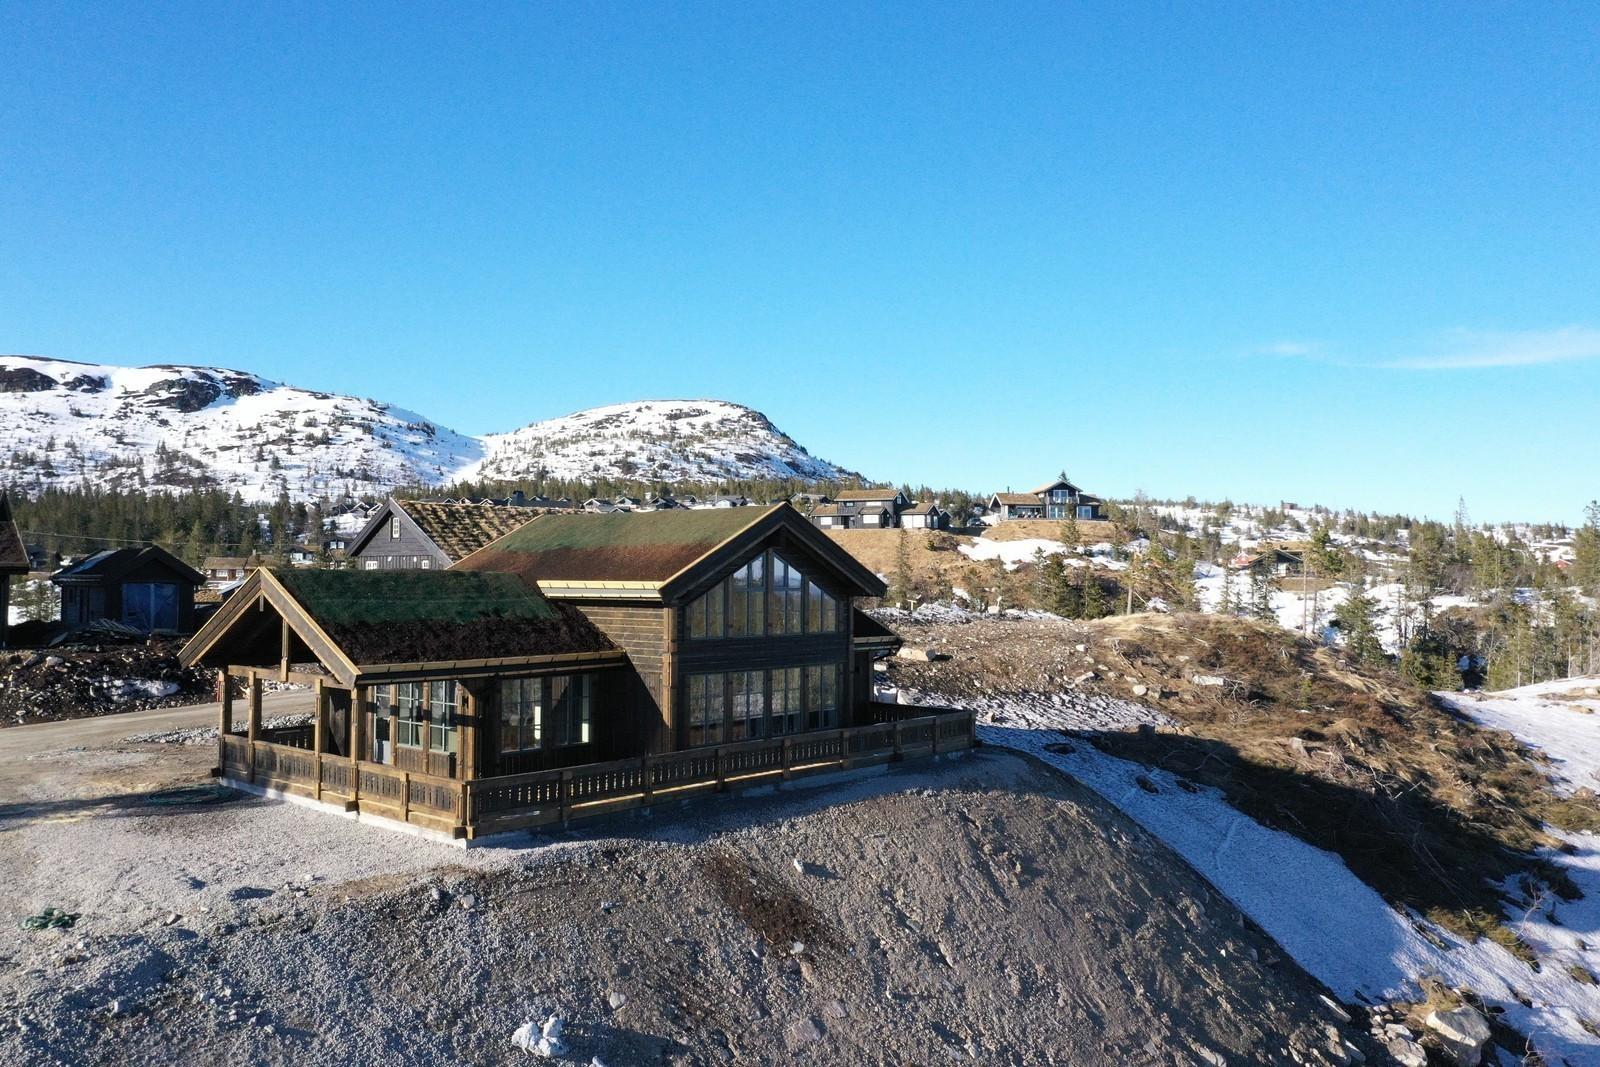 Den nye hytten Buen Storodde XL.  Her med vinduer som er grå utenpå, og hvite innvendig. Hytten har noen kundetilpasninger og tilvalg.